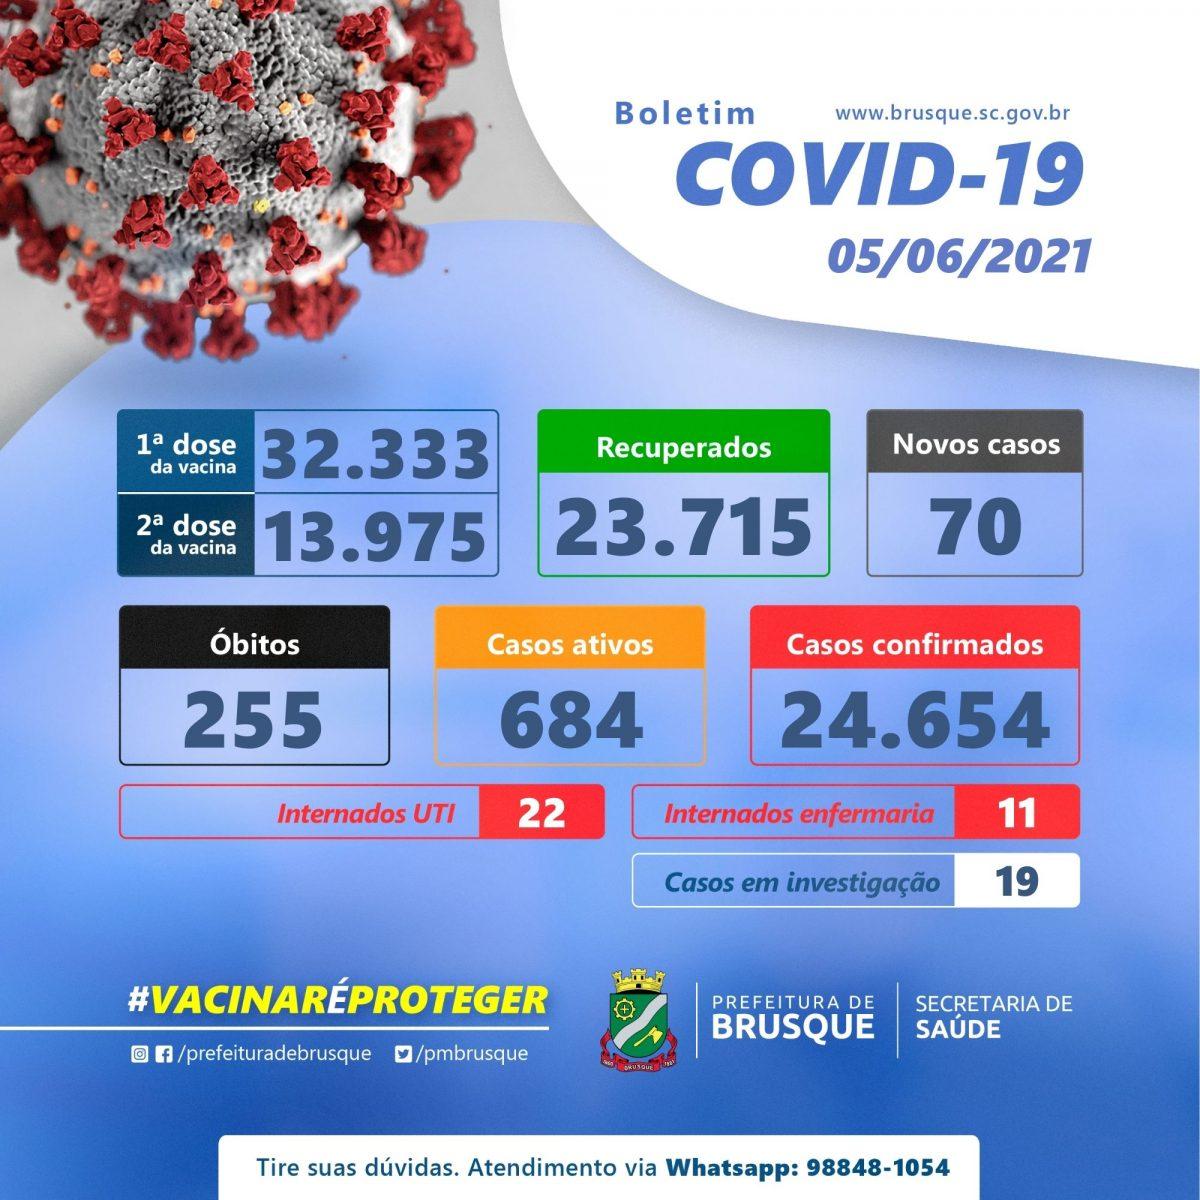 Covid-19: Confira o boletim epidemiológico deste sábado (05)